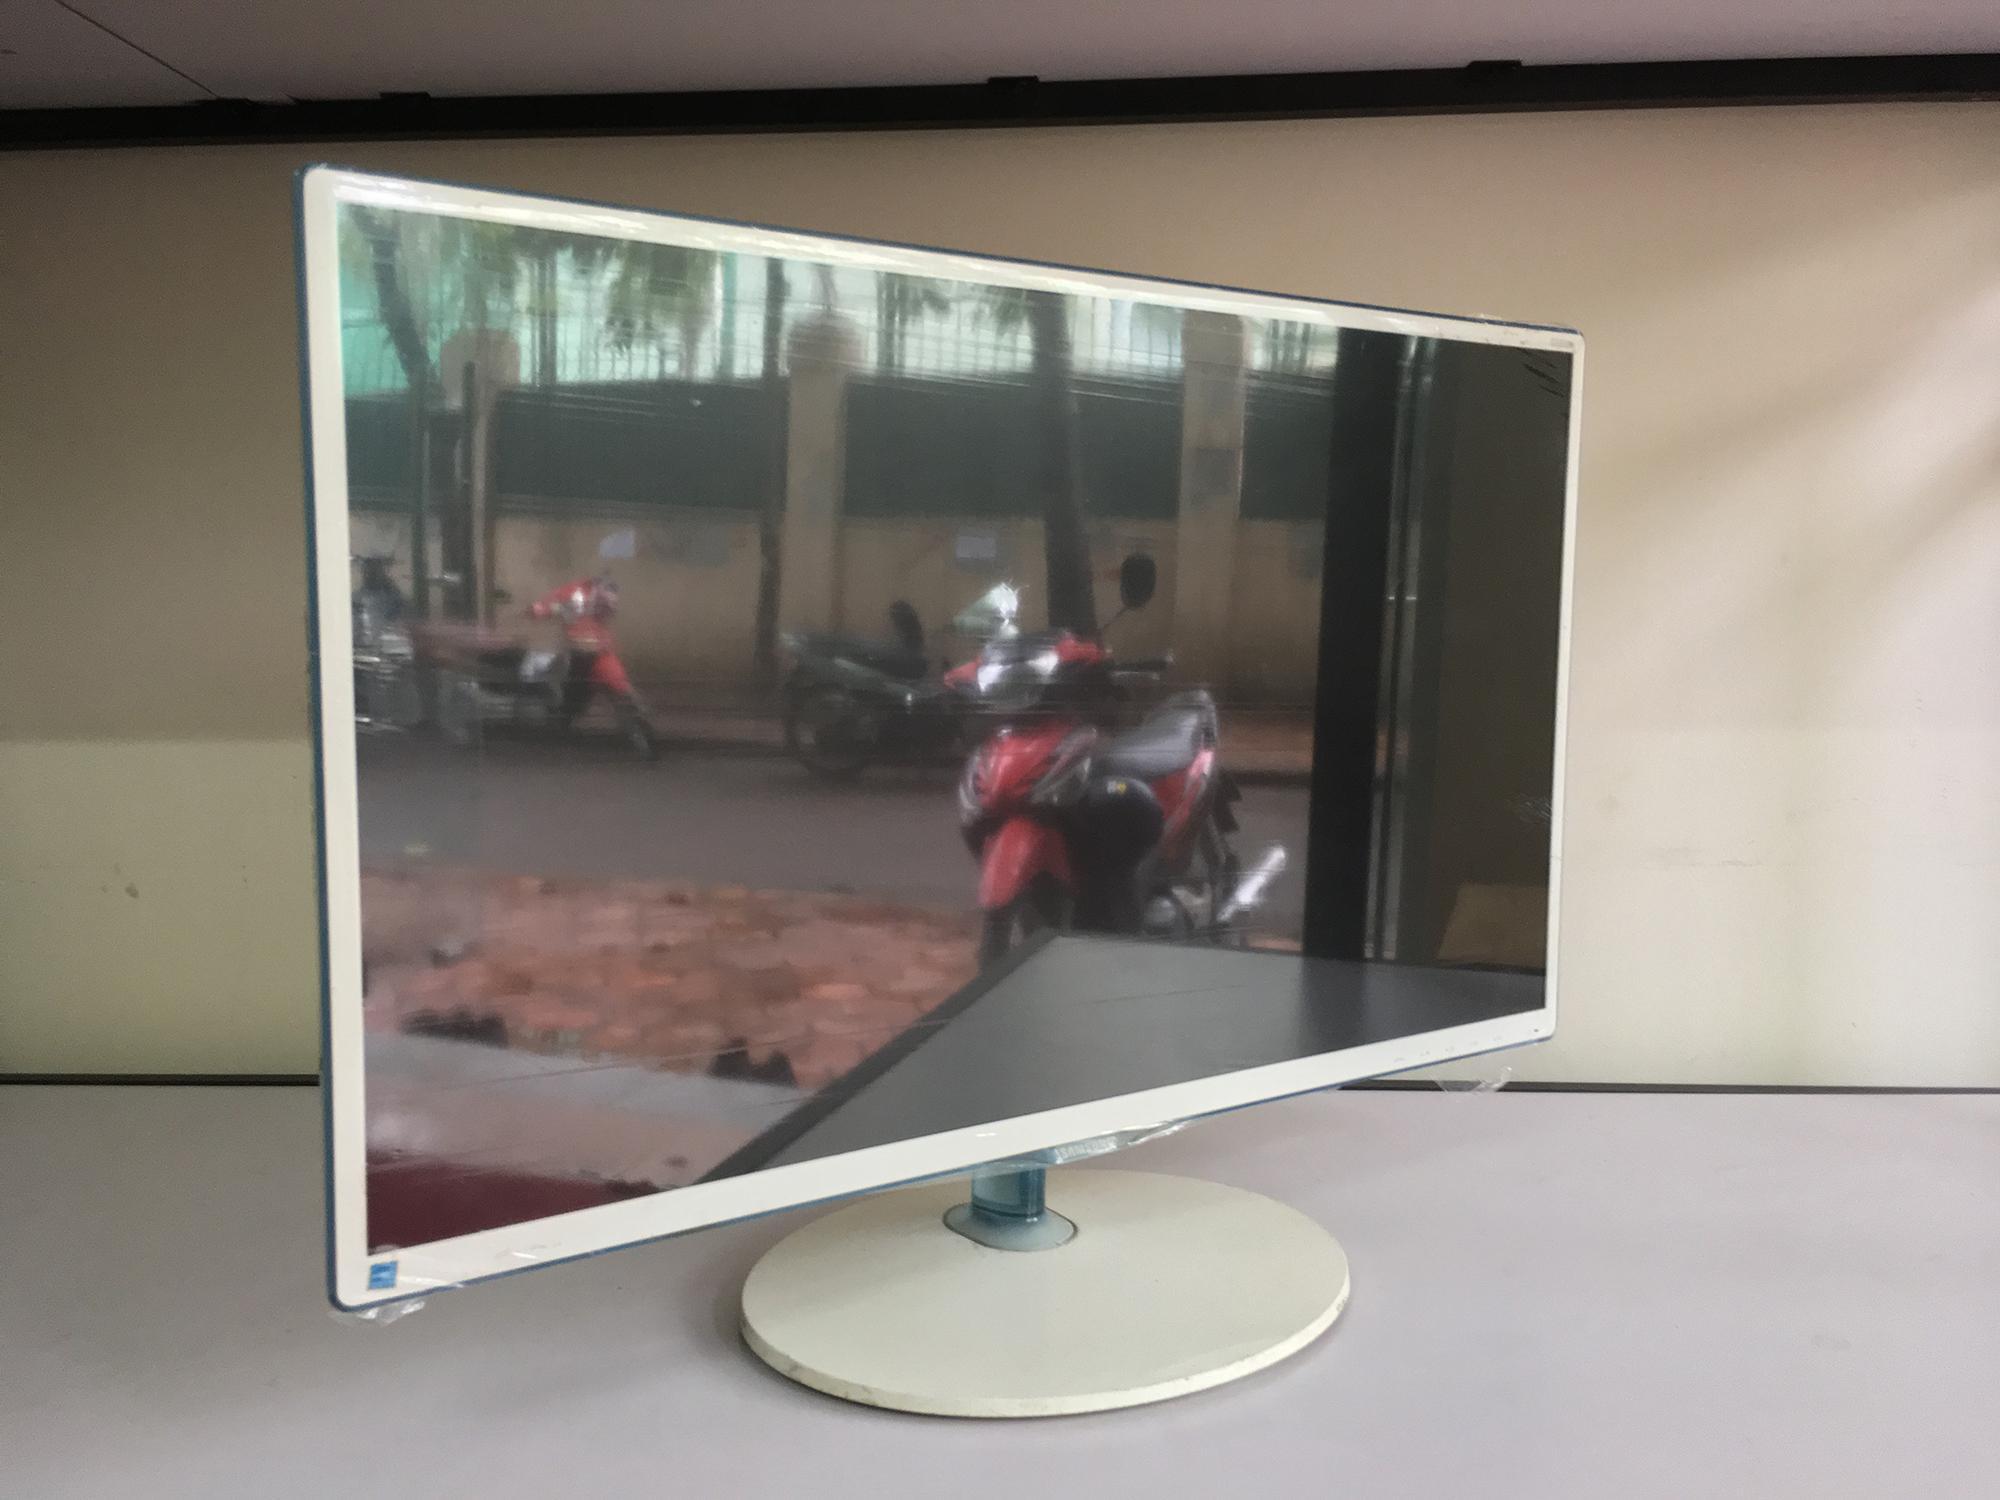 Màn hình Samsung 27 LS27E360H LED PLS giá rẻ